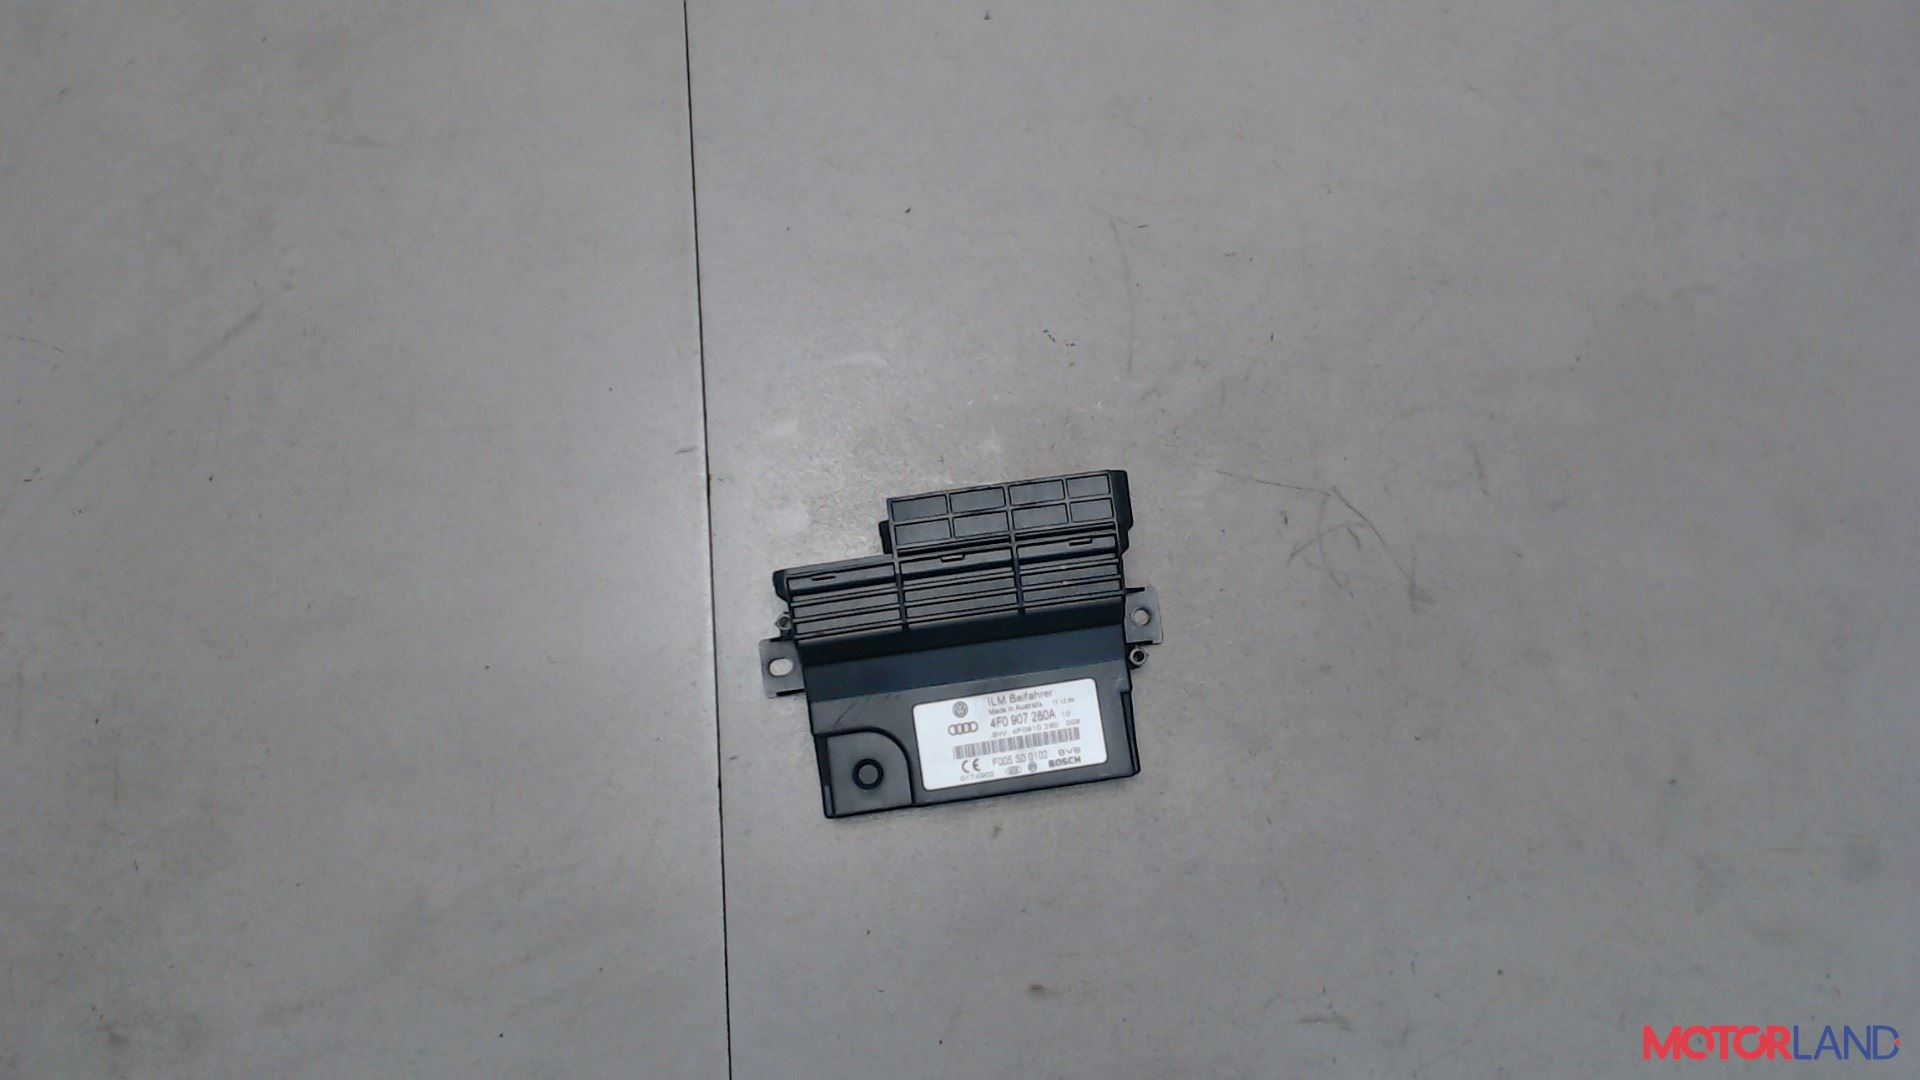 Блок управления (ЭБУ) Audi A6 (C6) 2005-2011 2.7 л. 2006 BPP б/у #1